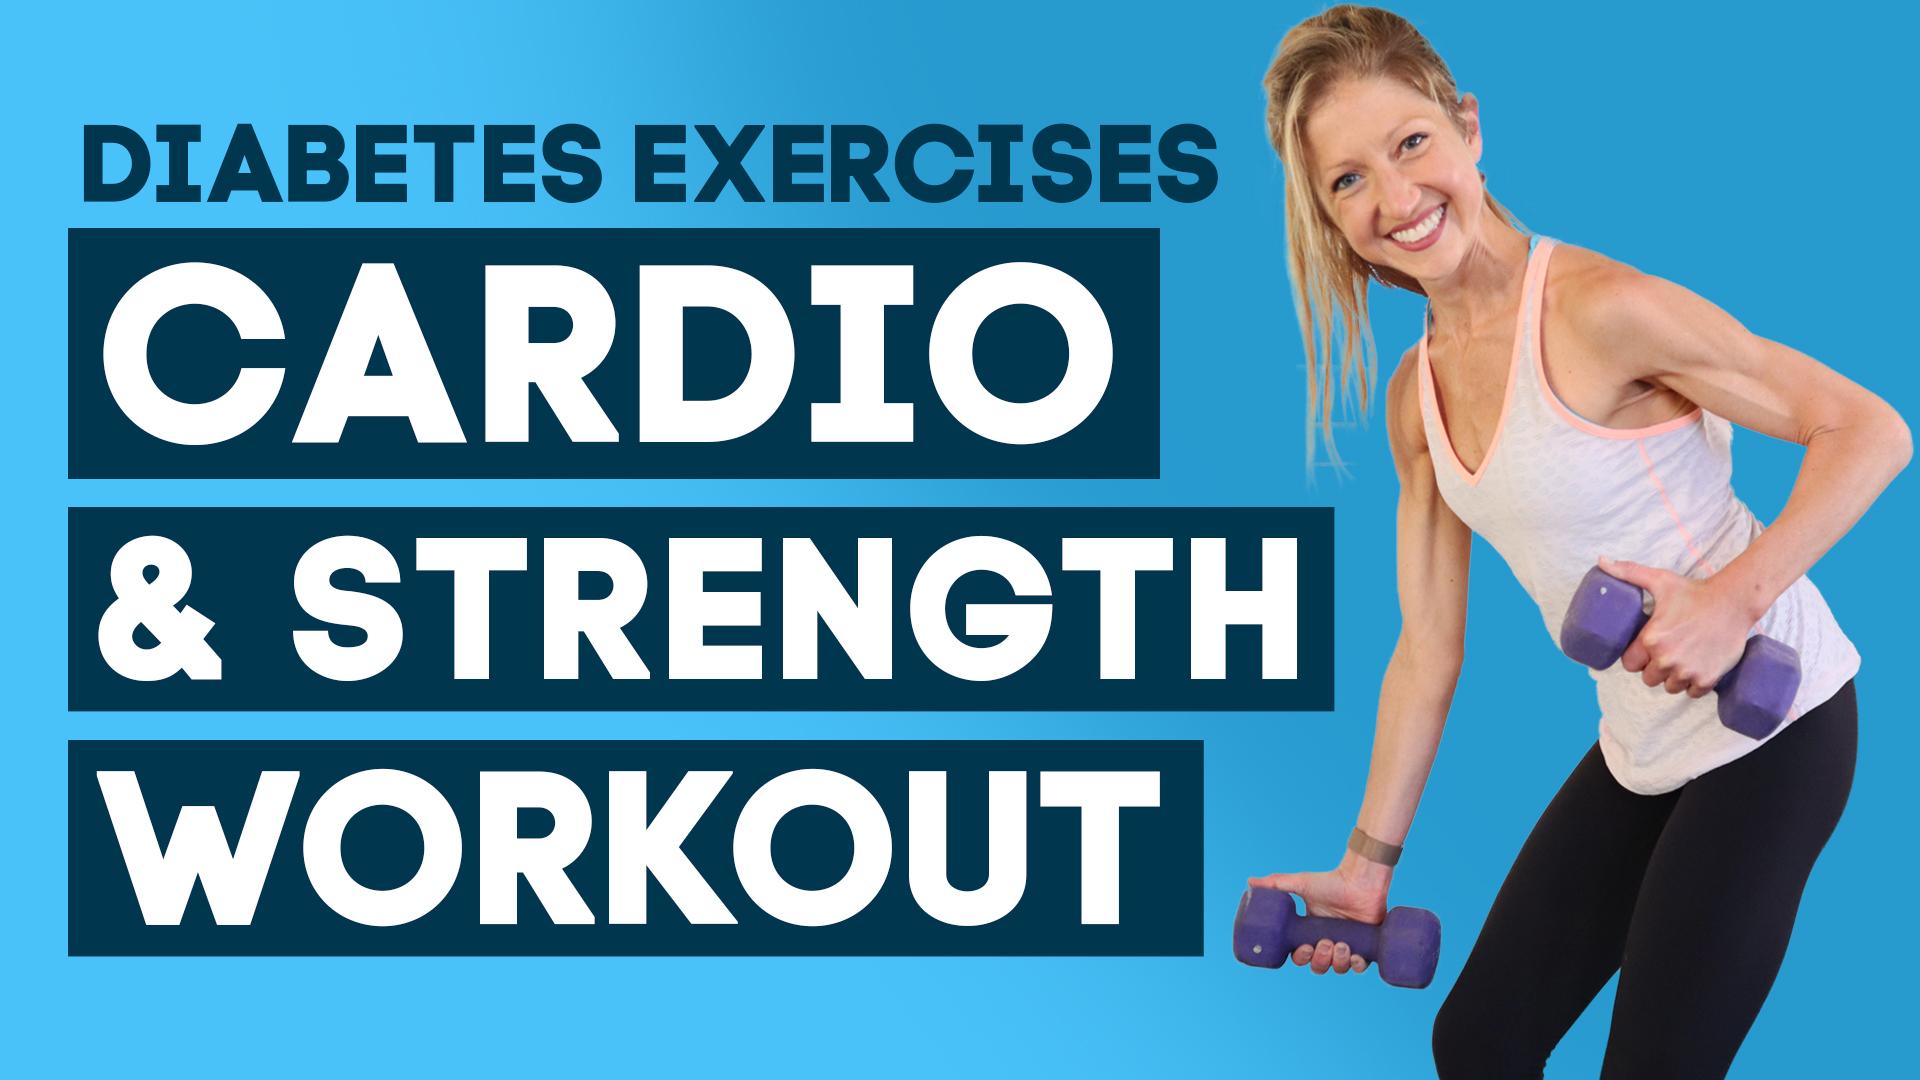 diabetes exercises